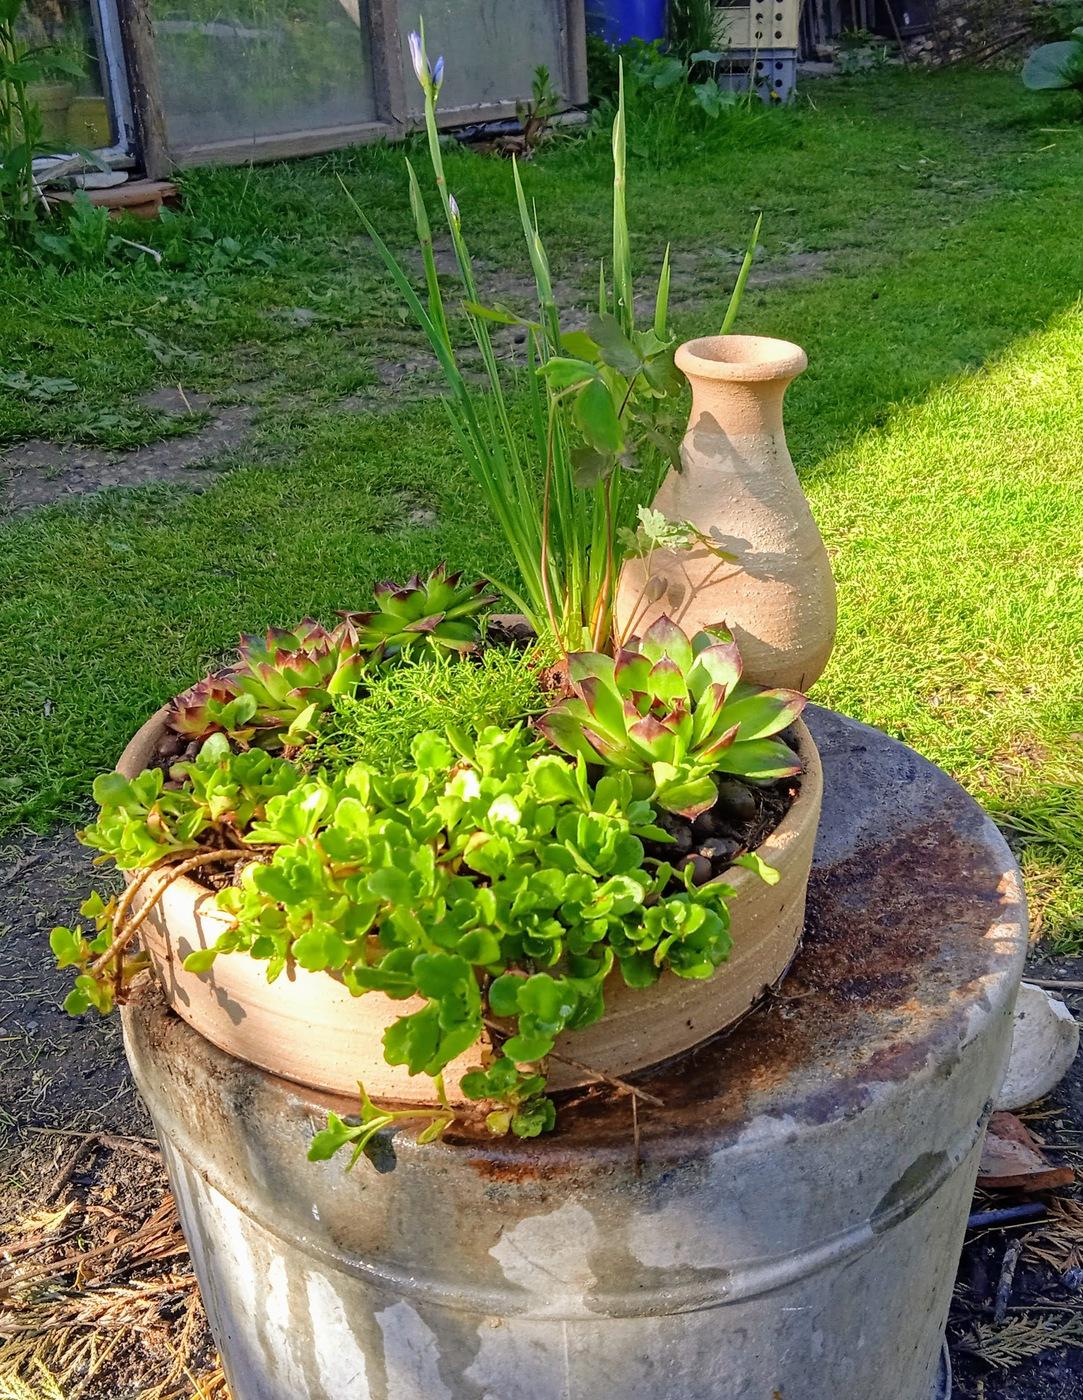 keramicka samozavlazovaci bonsaj miska zardinka